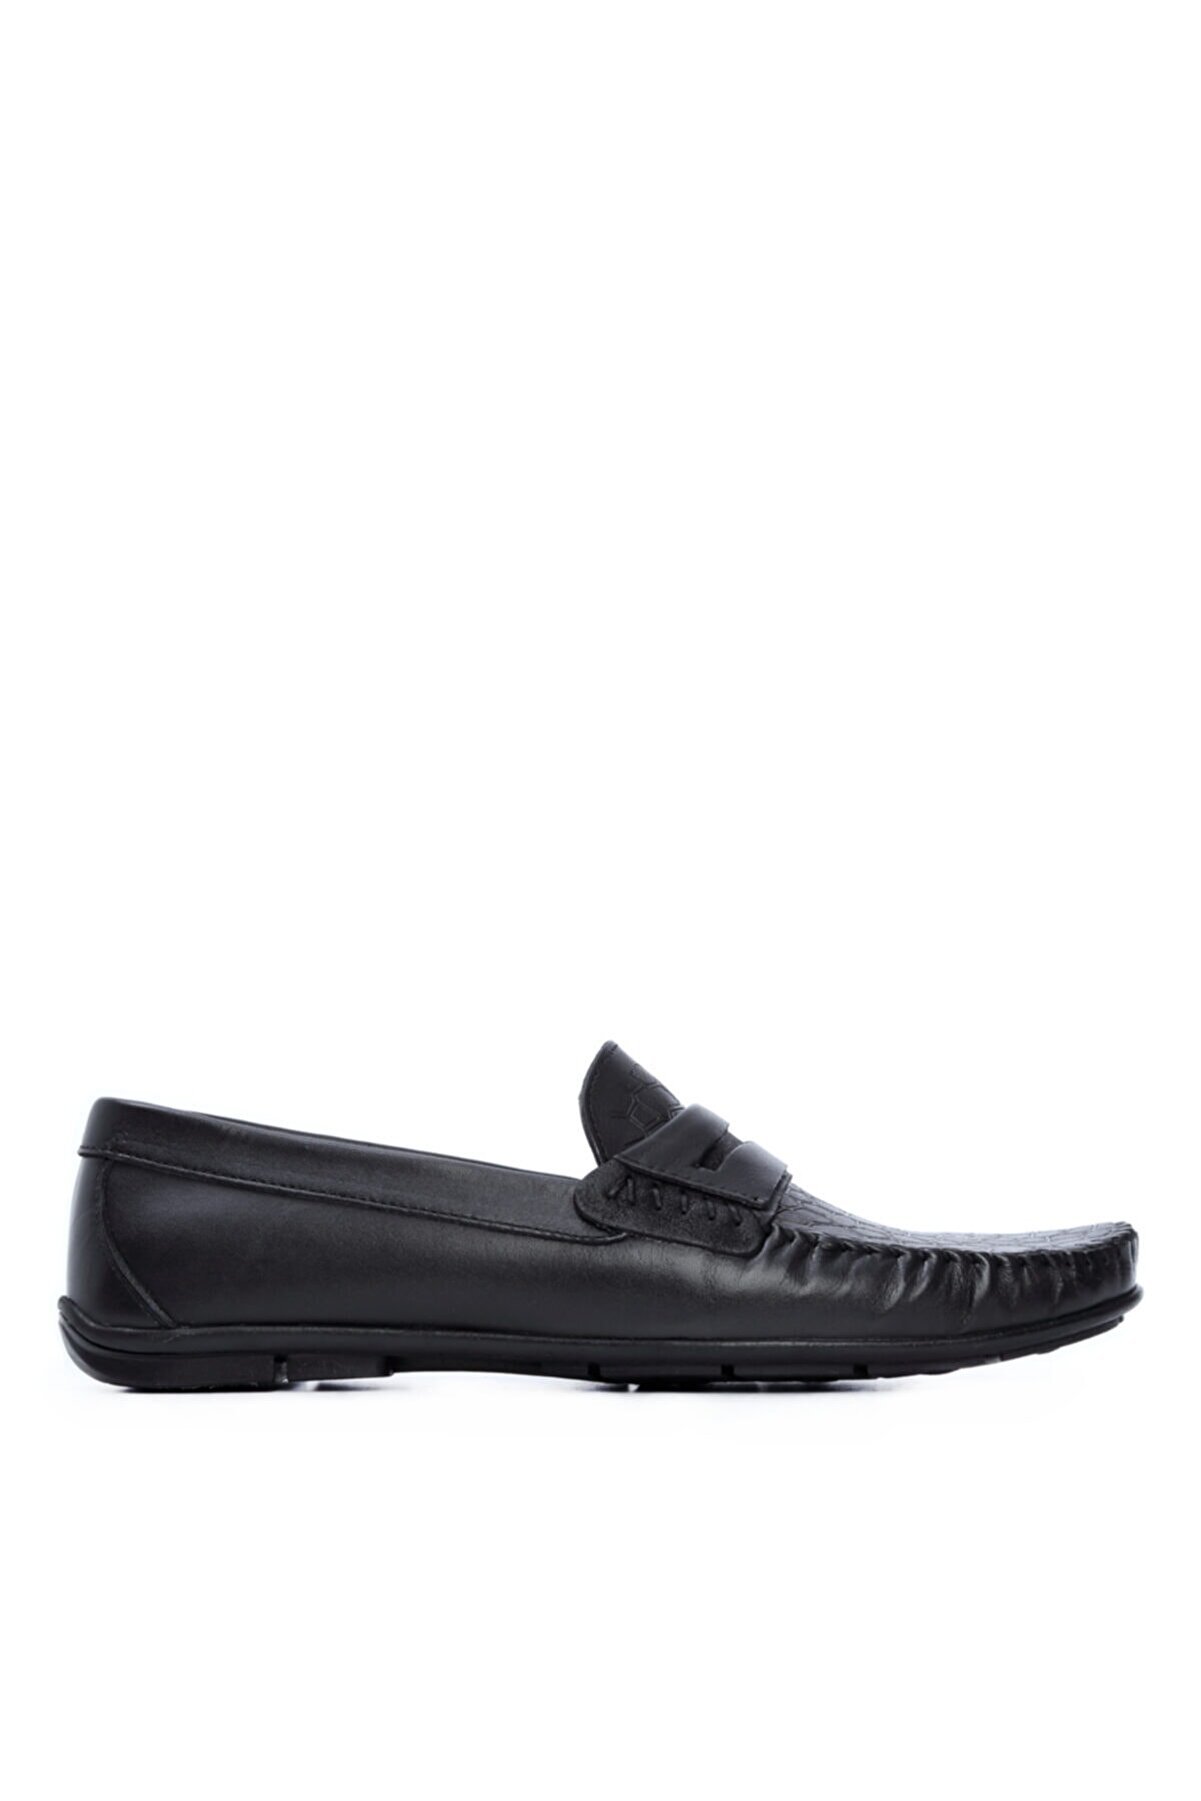 Kemal Tanca Erkek Derı Loafer Ayakkabı 572 3107 Erk Ayk Y21